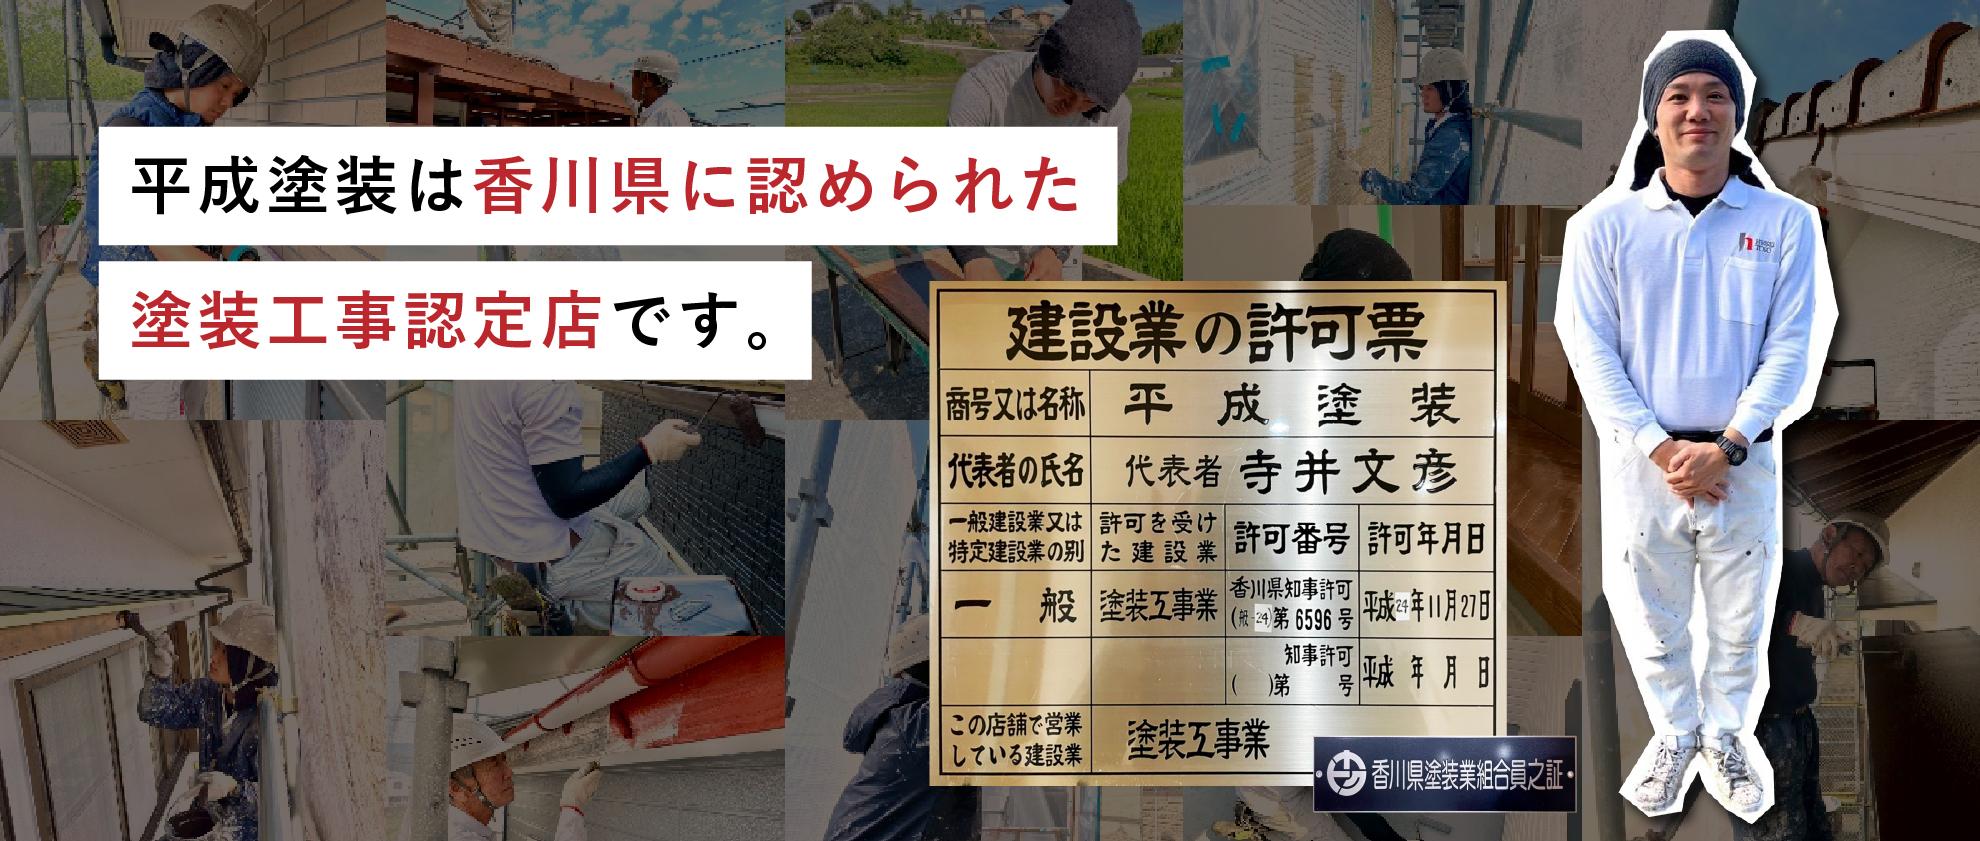 平成塗装は香川県に認められた塗装工事認定店